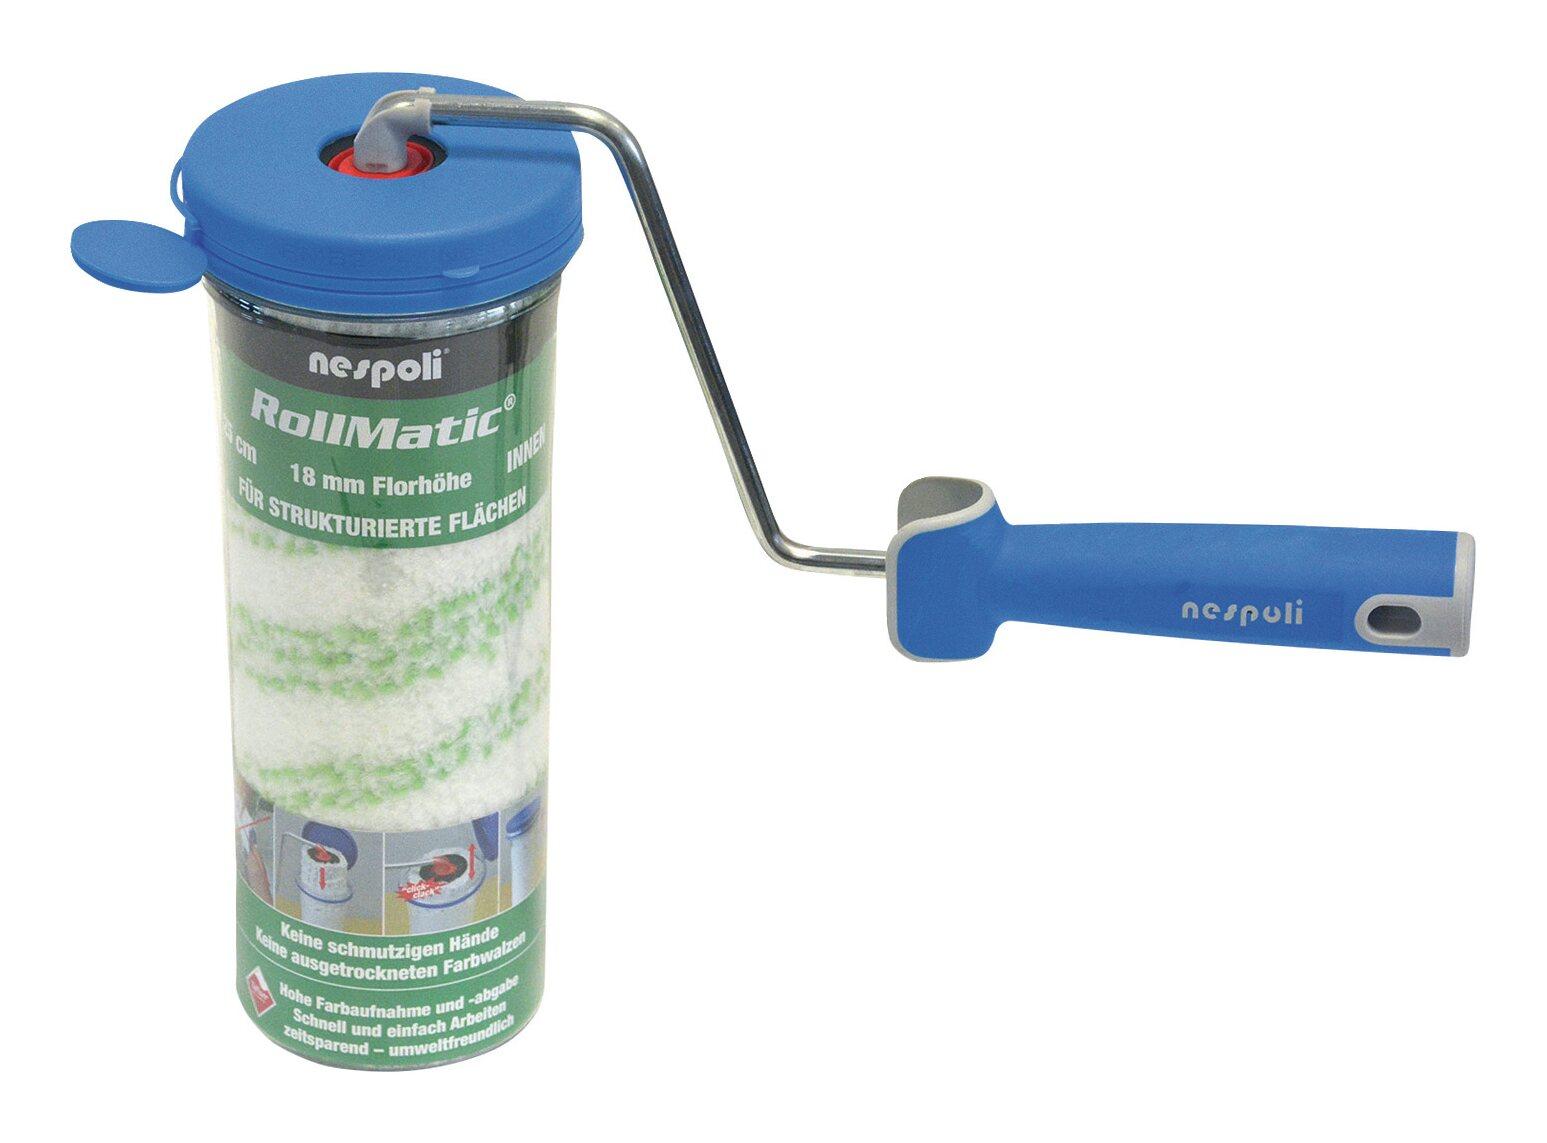 Farbwalze /- Bügel Rollmatic 25cm FH18mm - 525614225 800